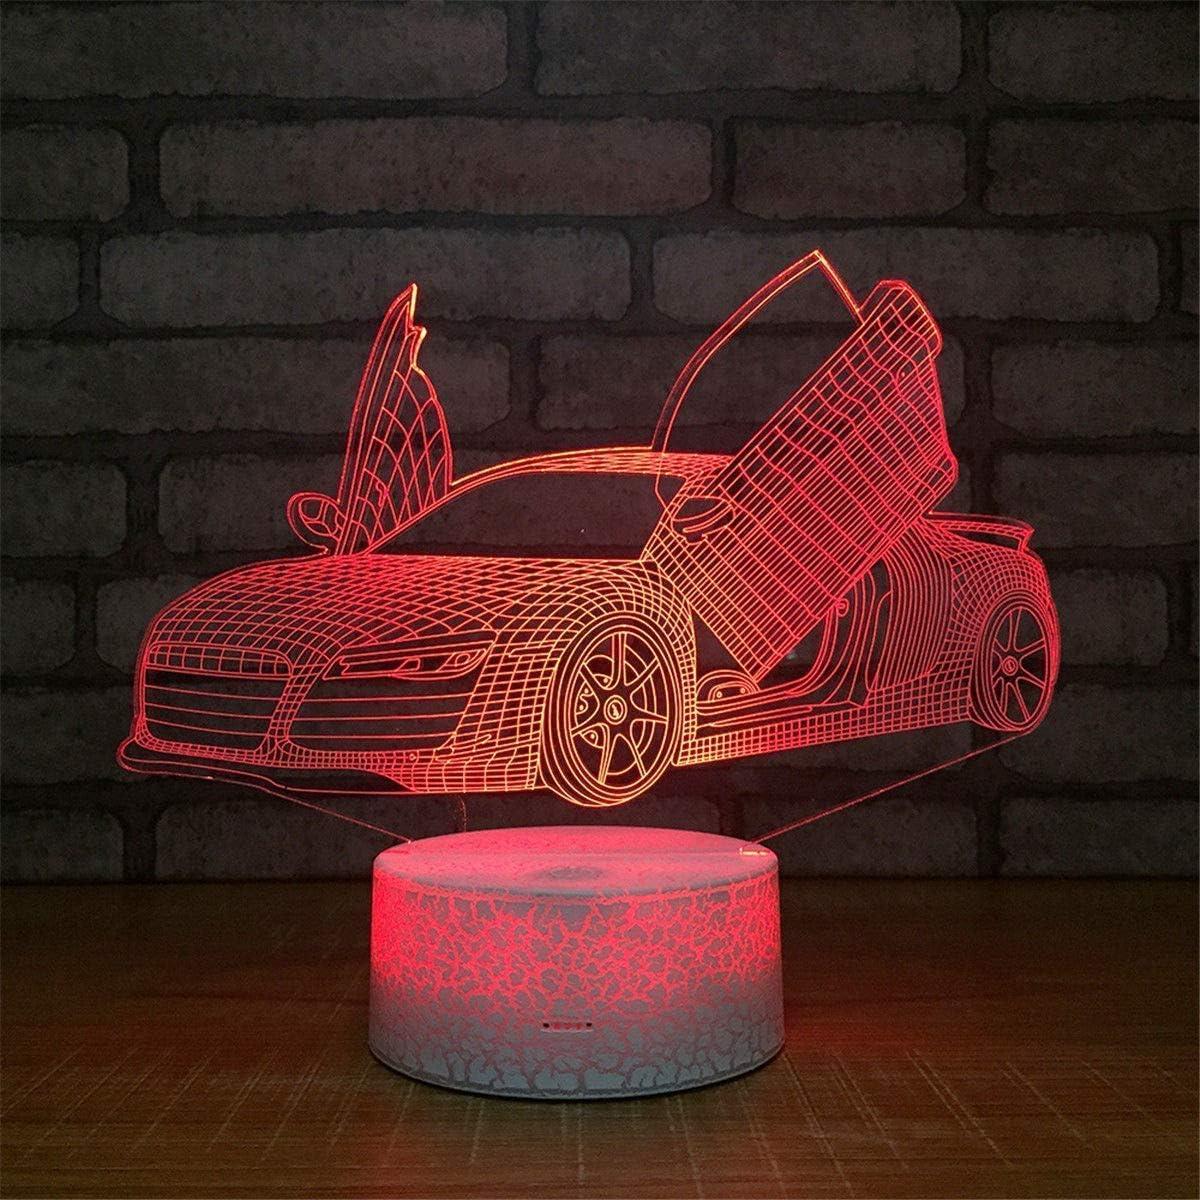 Lumi/ères Formule 1 Voiture De Course 3D Lampe Multicolore avec T/él/écommande pour Cadeau Danniversaire Aliment/é Par Batterie 3D Optique Led Veilleuse Lampe Hologramme